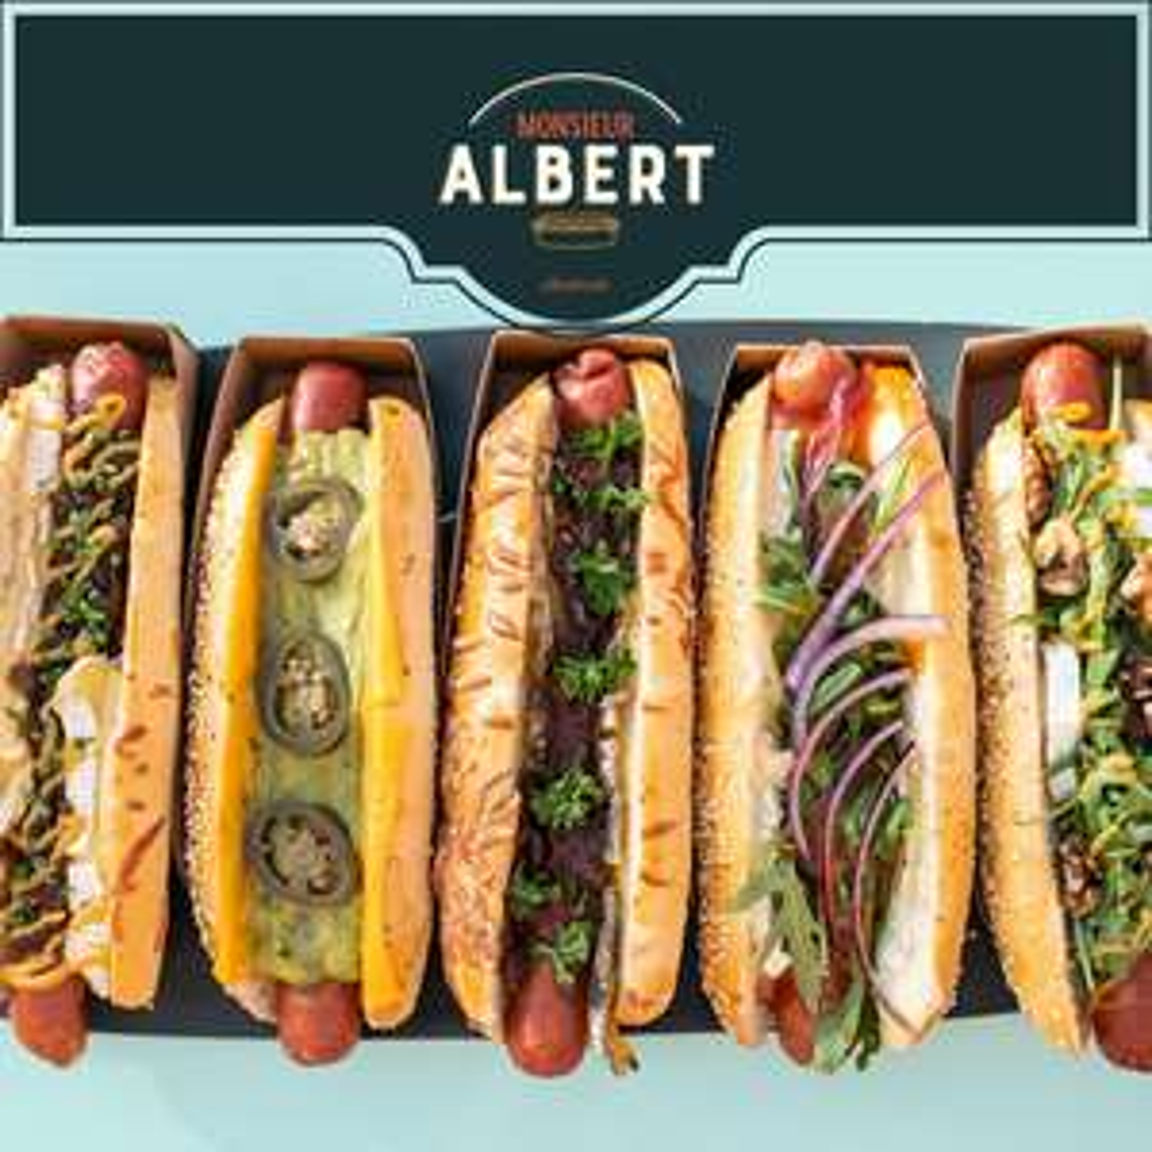 Un hot-dog gourmet offert pour l'ouverture d'un restaurant (100 premiers clients) - Monsieur Albert Nantes Beaulieu (44)